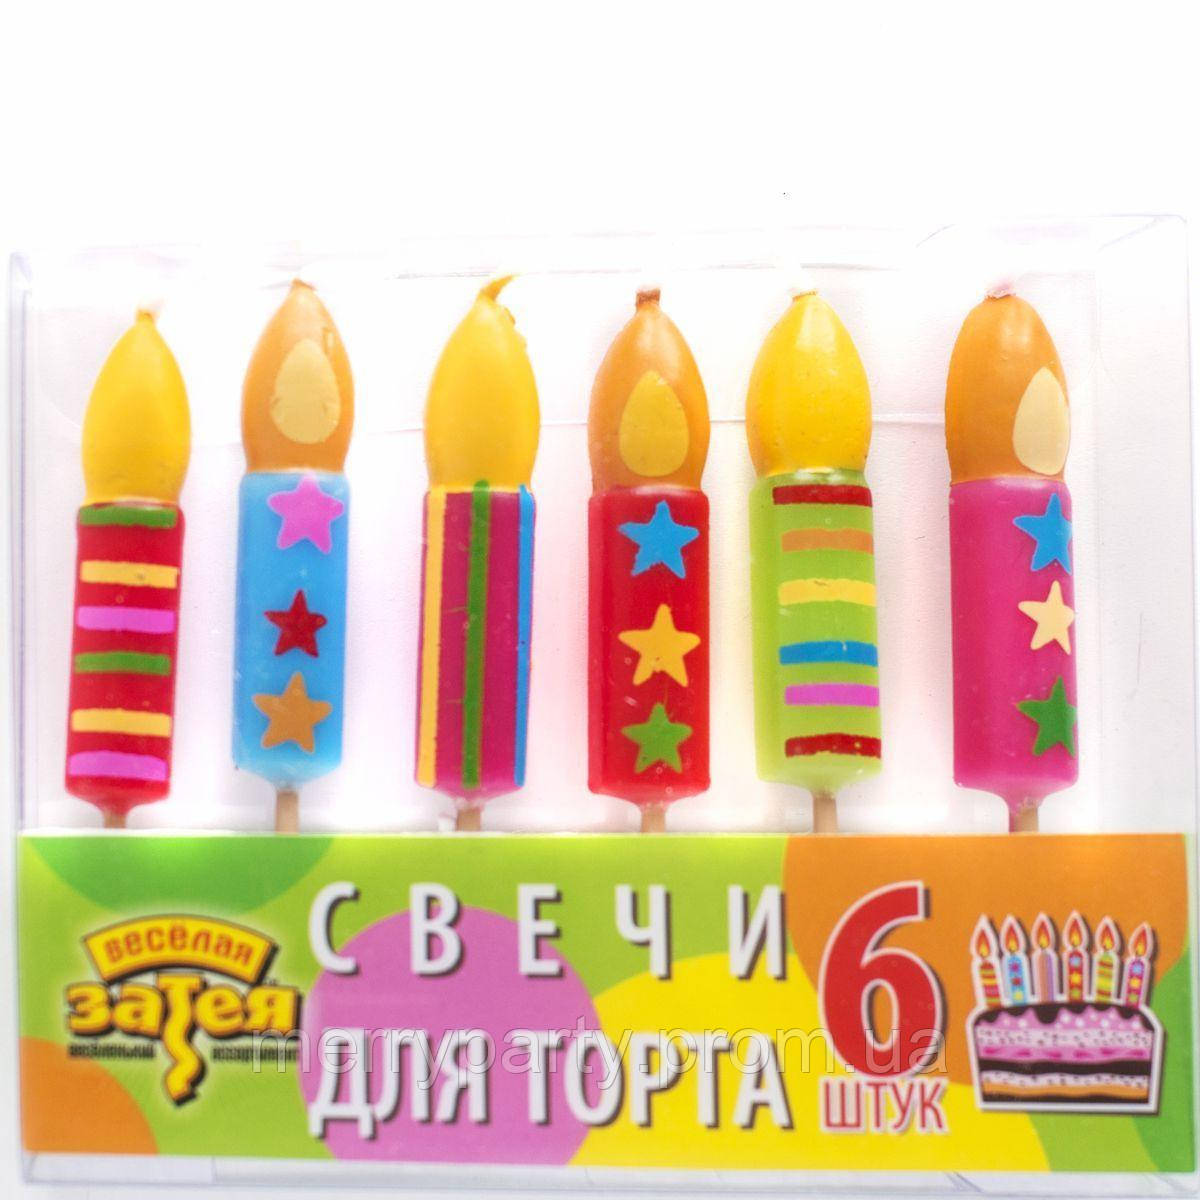 6 шт./ уп. 4 см Свечи для торта Свечки на шпажках